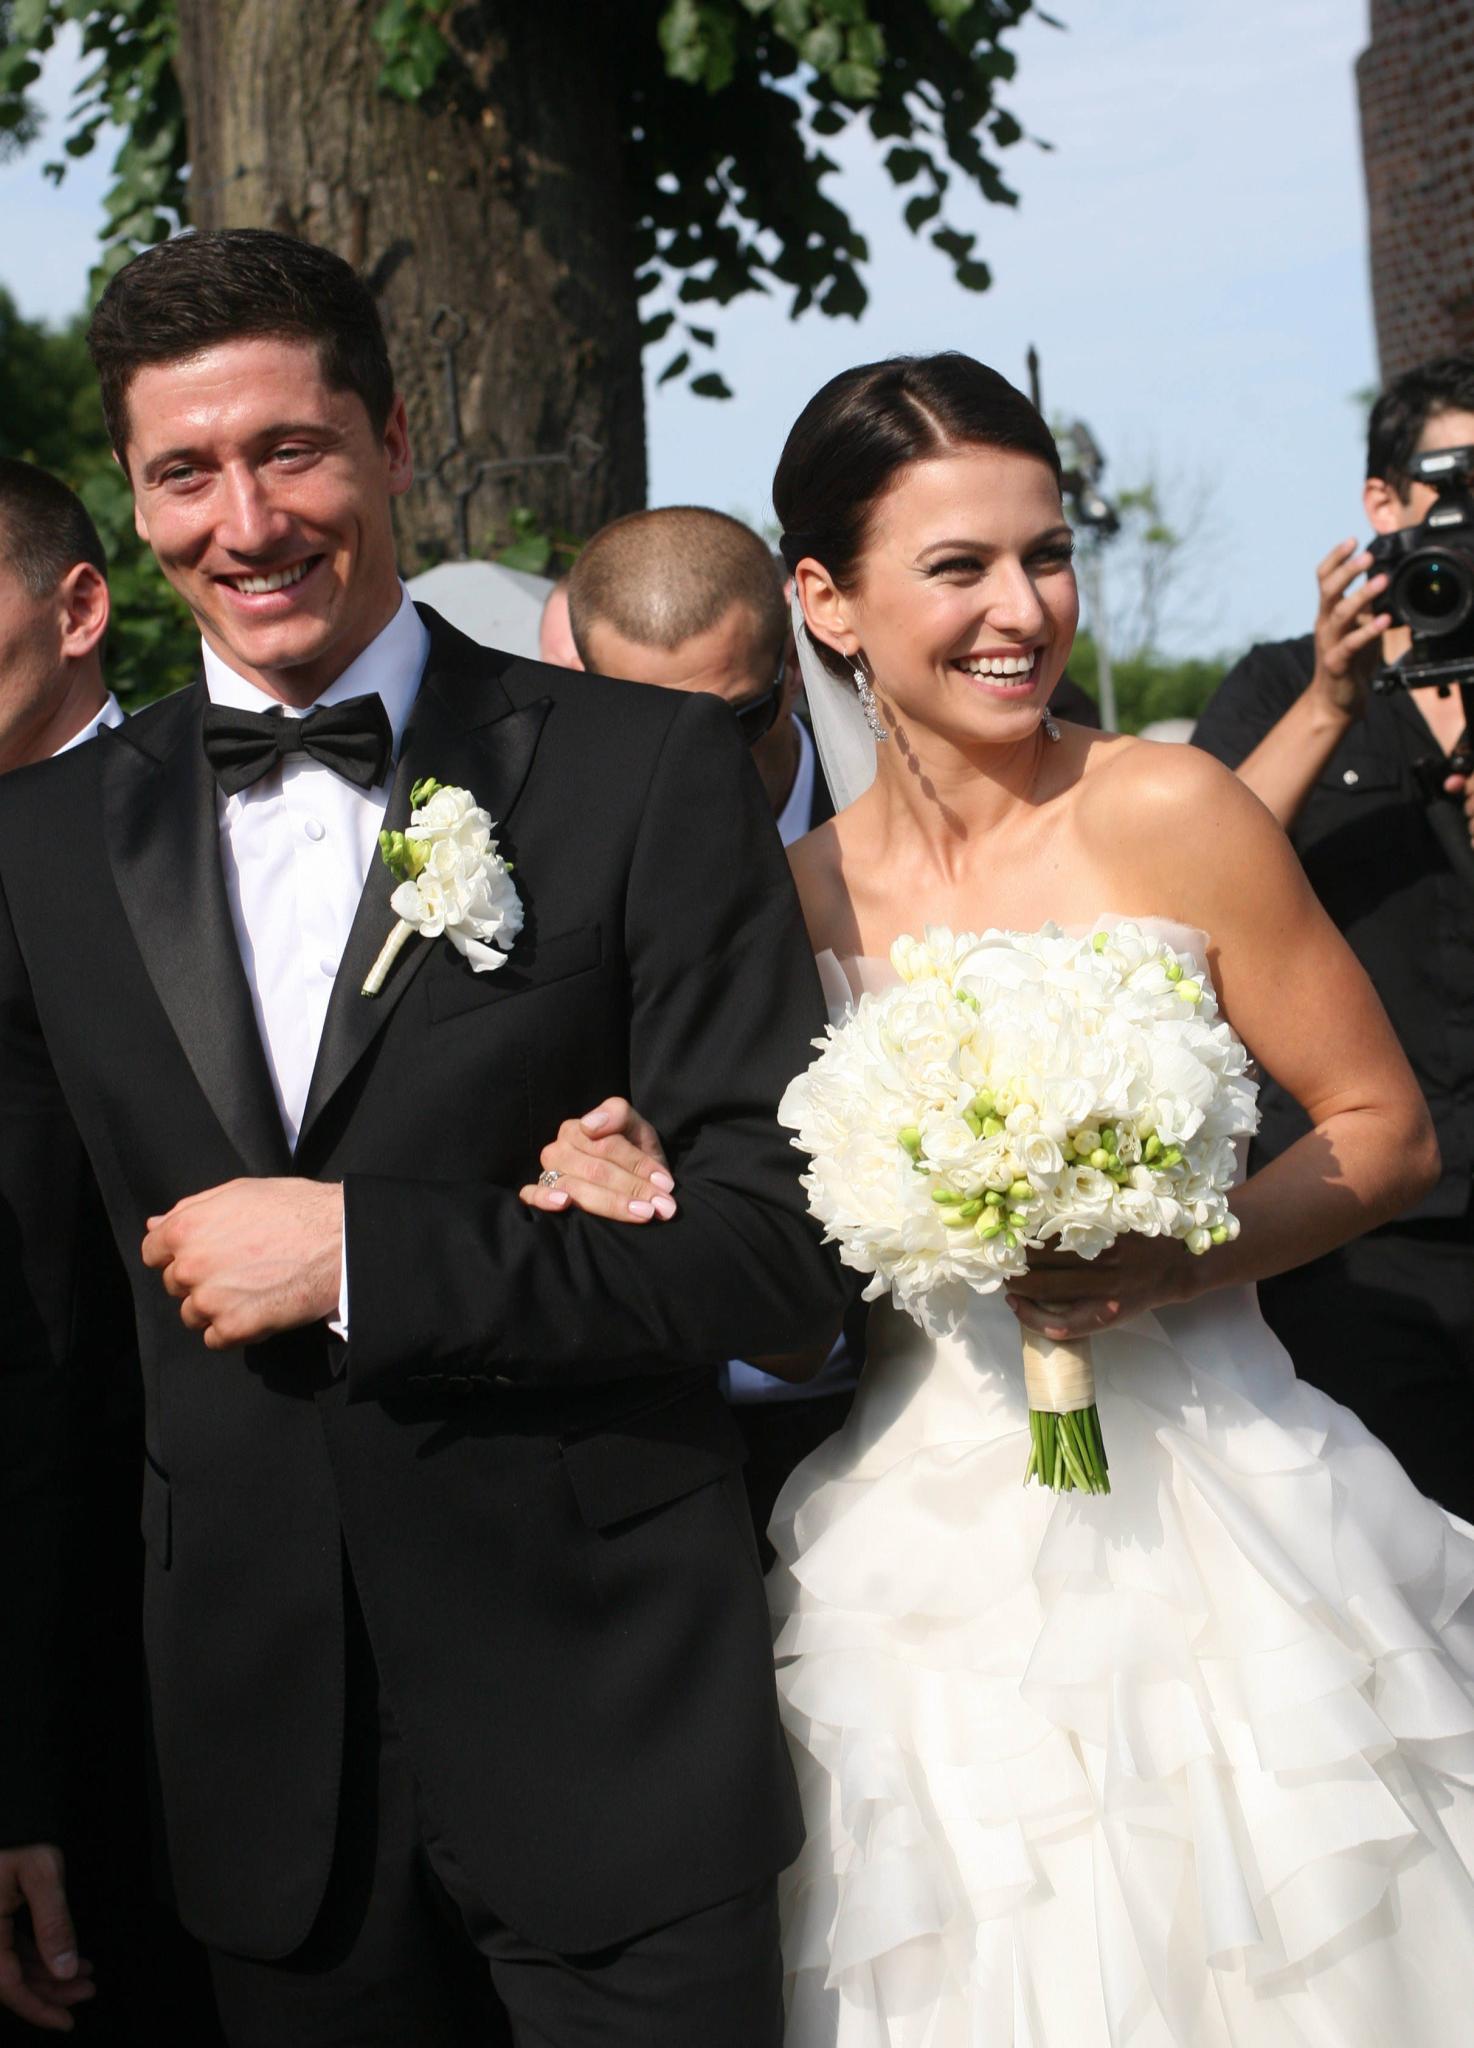 Robert und Anna Lewandowski heirateten am 22. Juni 2013 in Serock, Polen.